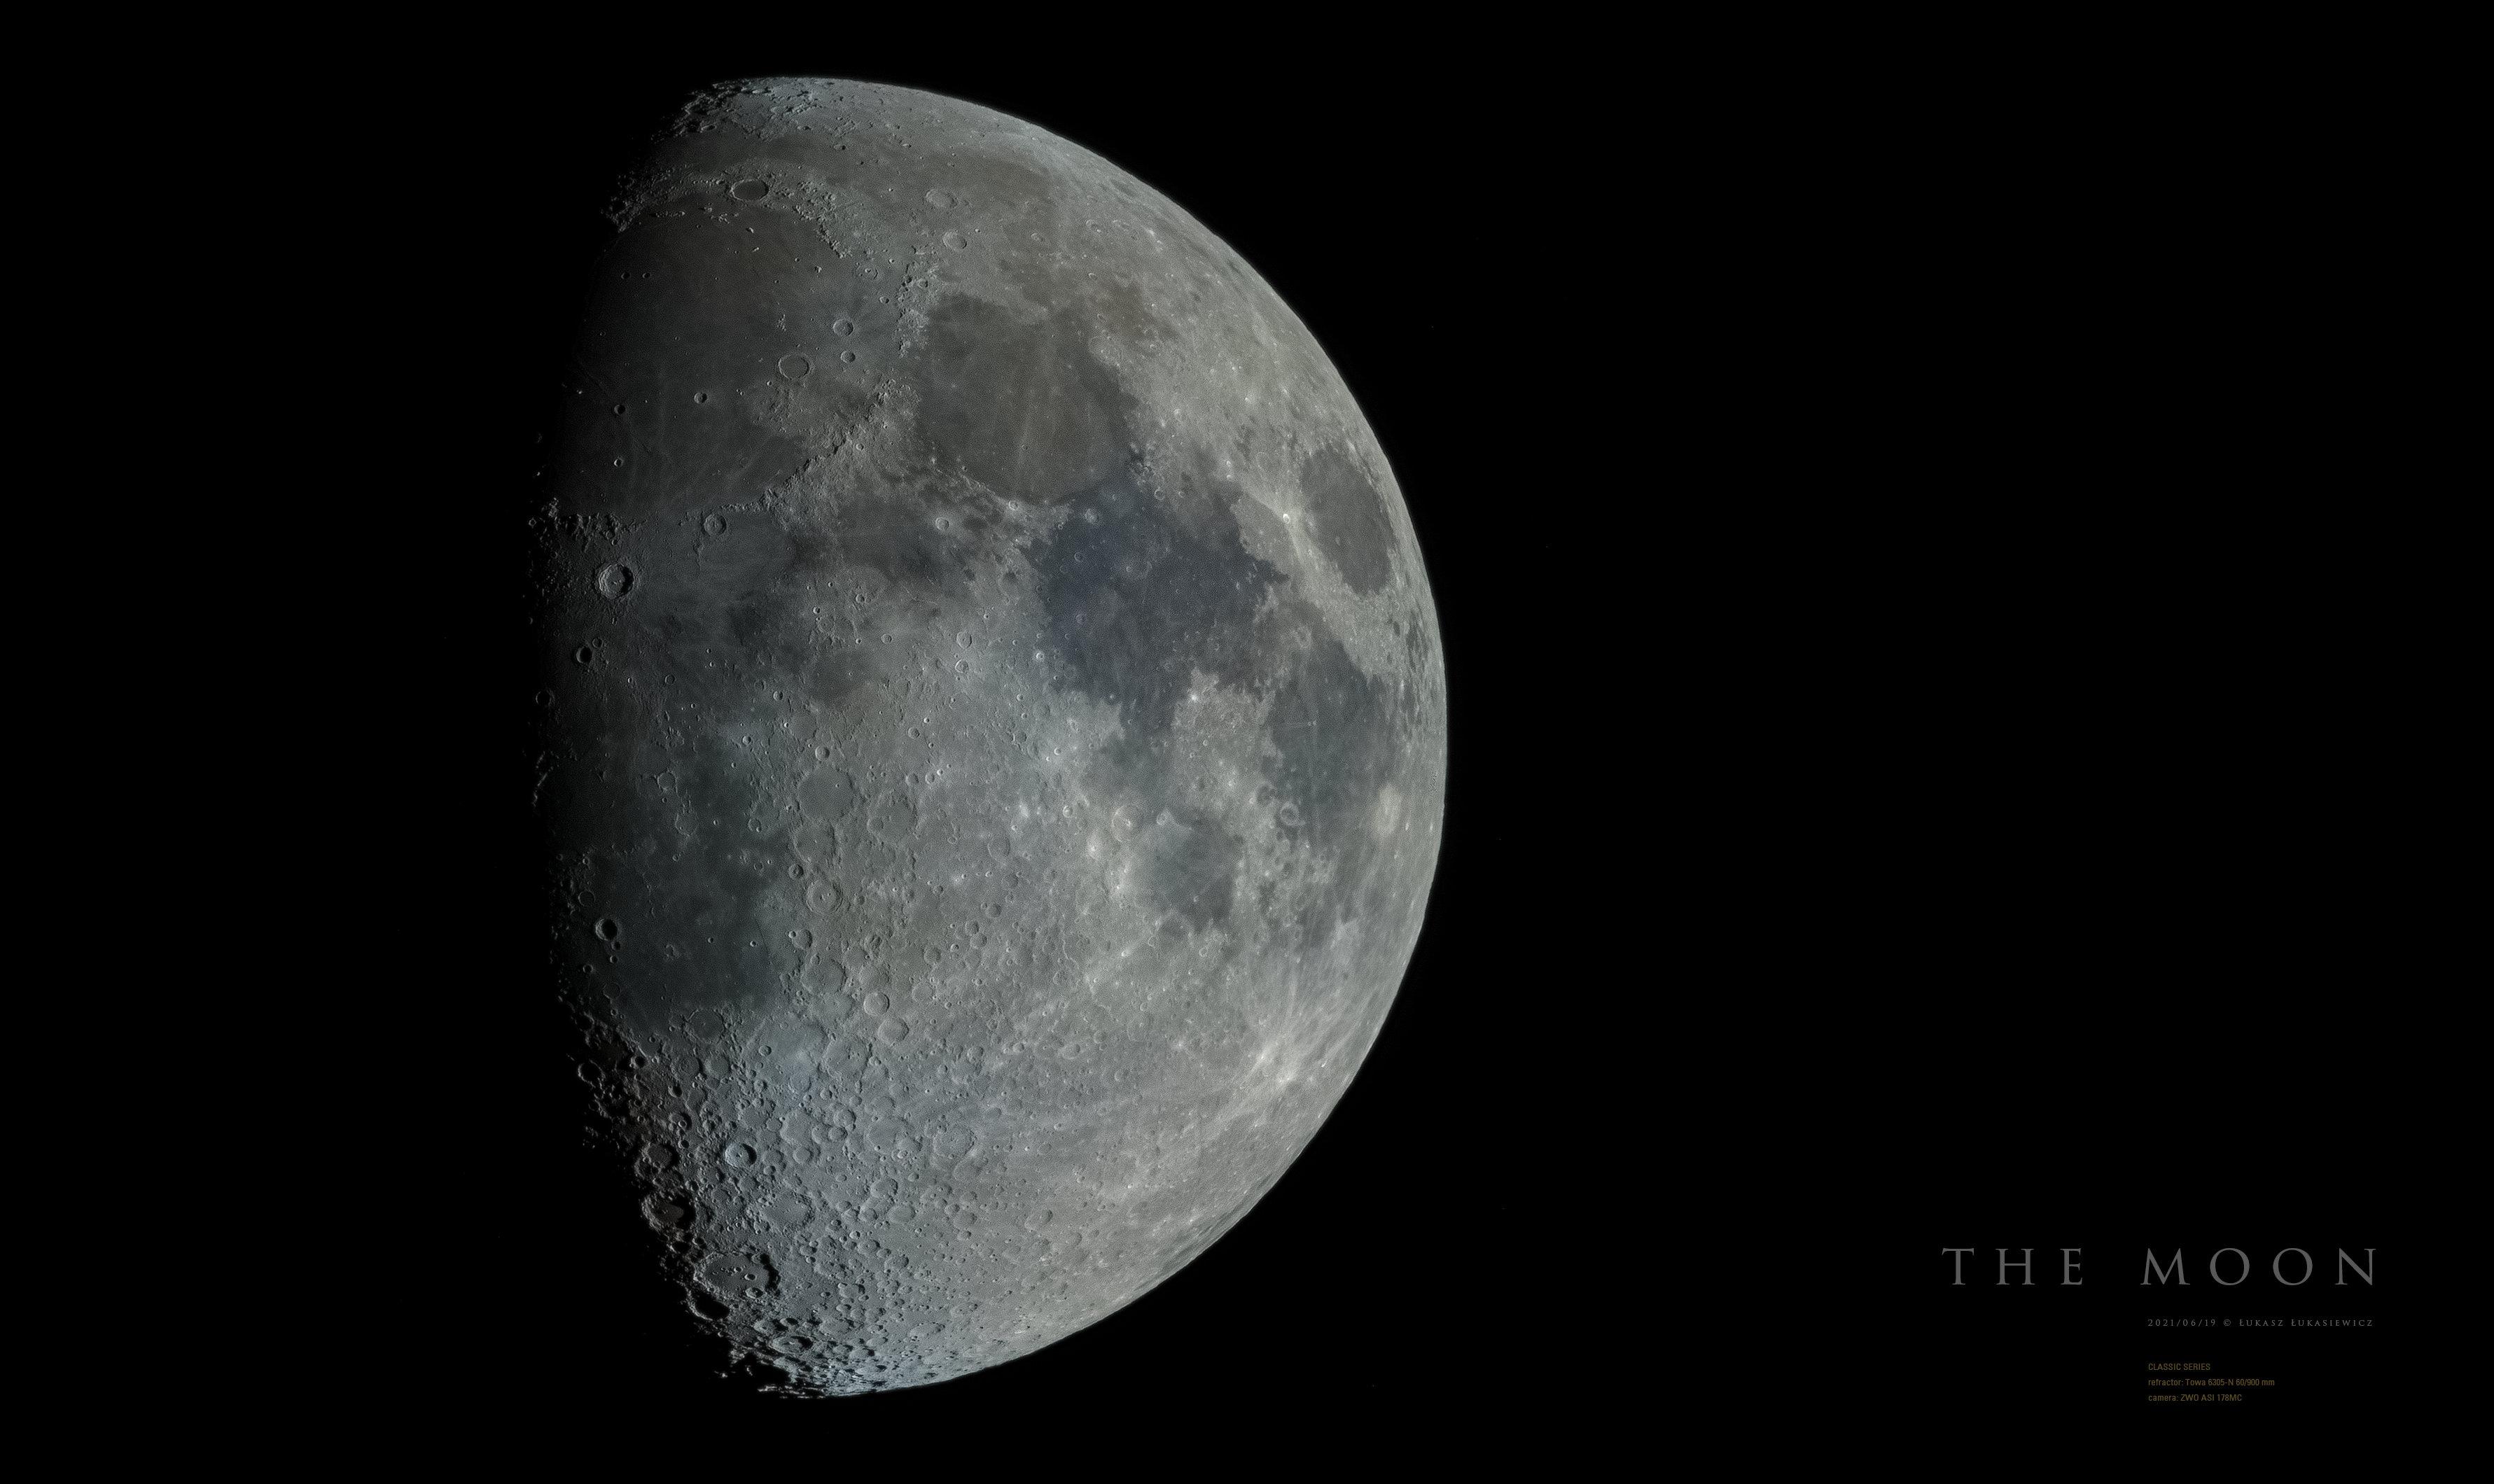 THE-MOON-2021-06-19.jpg